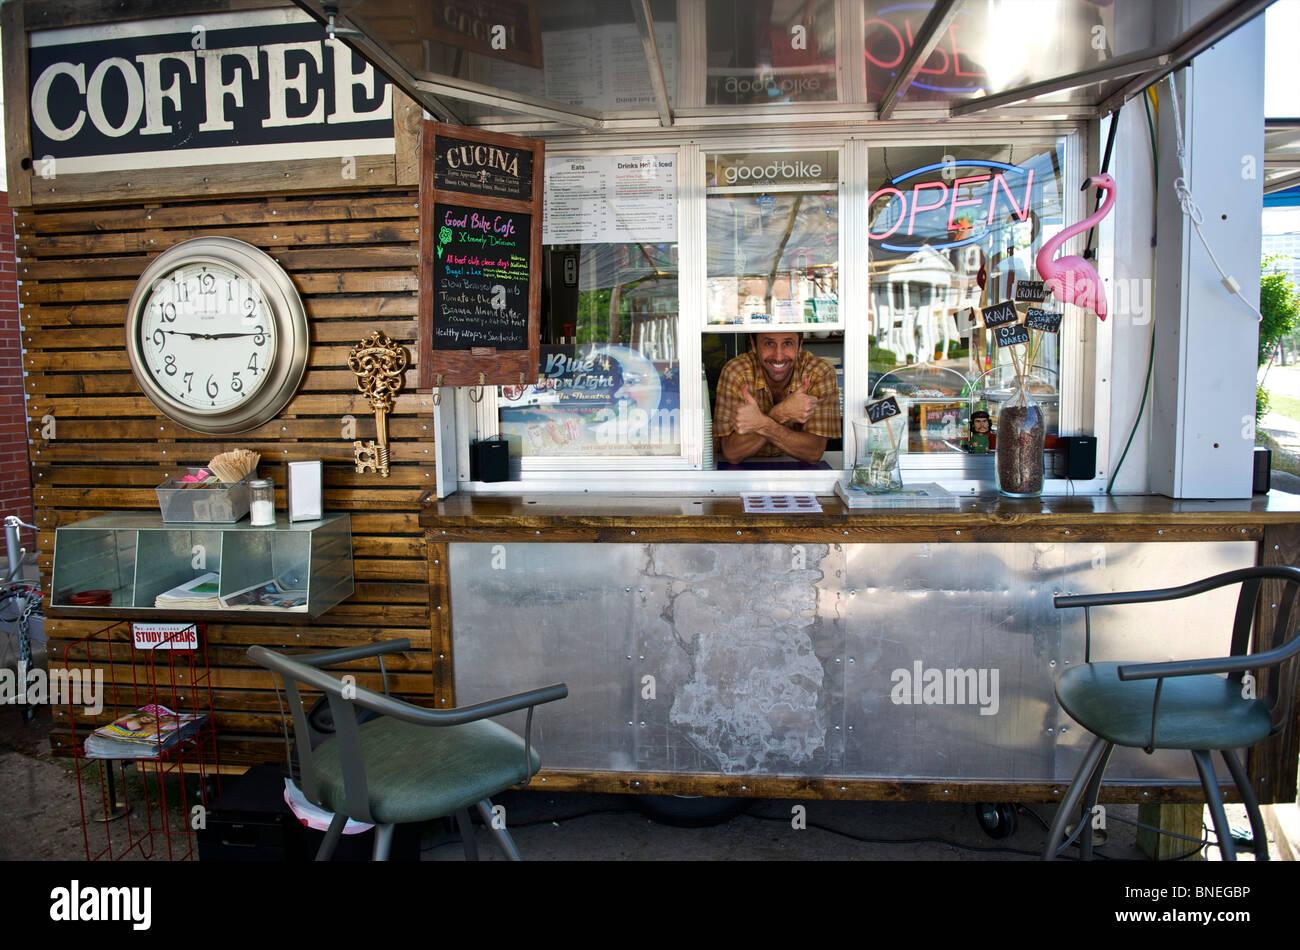 L'homme dans le quartier branché de remorque cafe pour le petit déjeuner, le café et le déjeuner Austin, Texas, États-Unis Banque D'Images